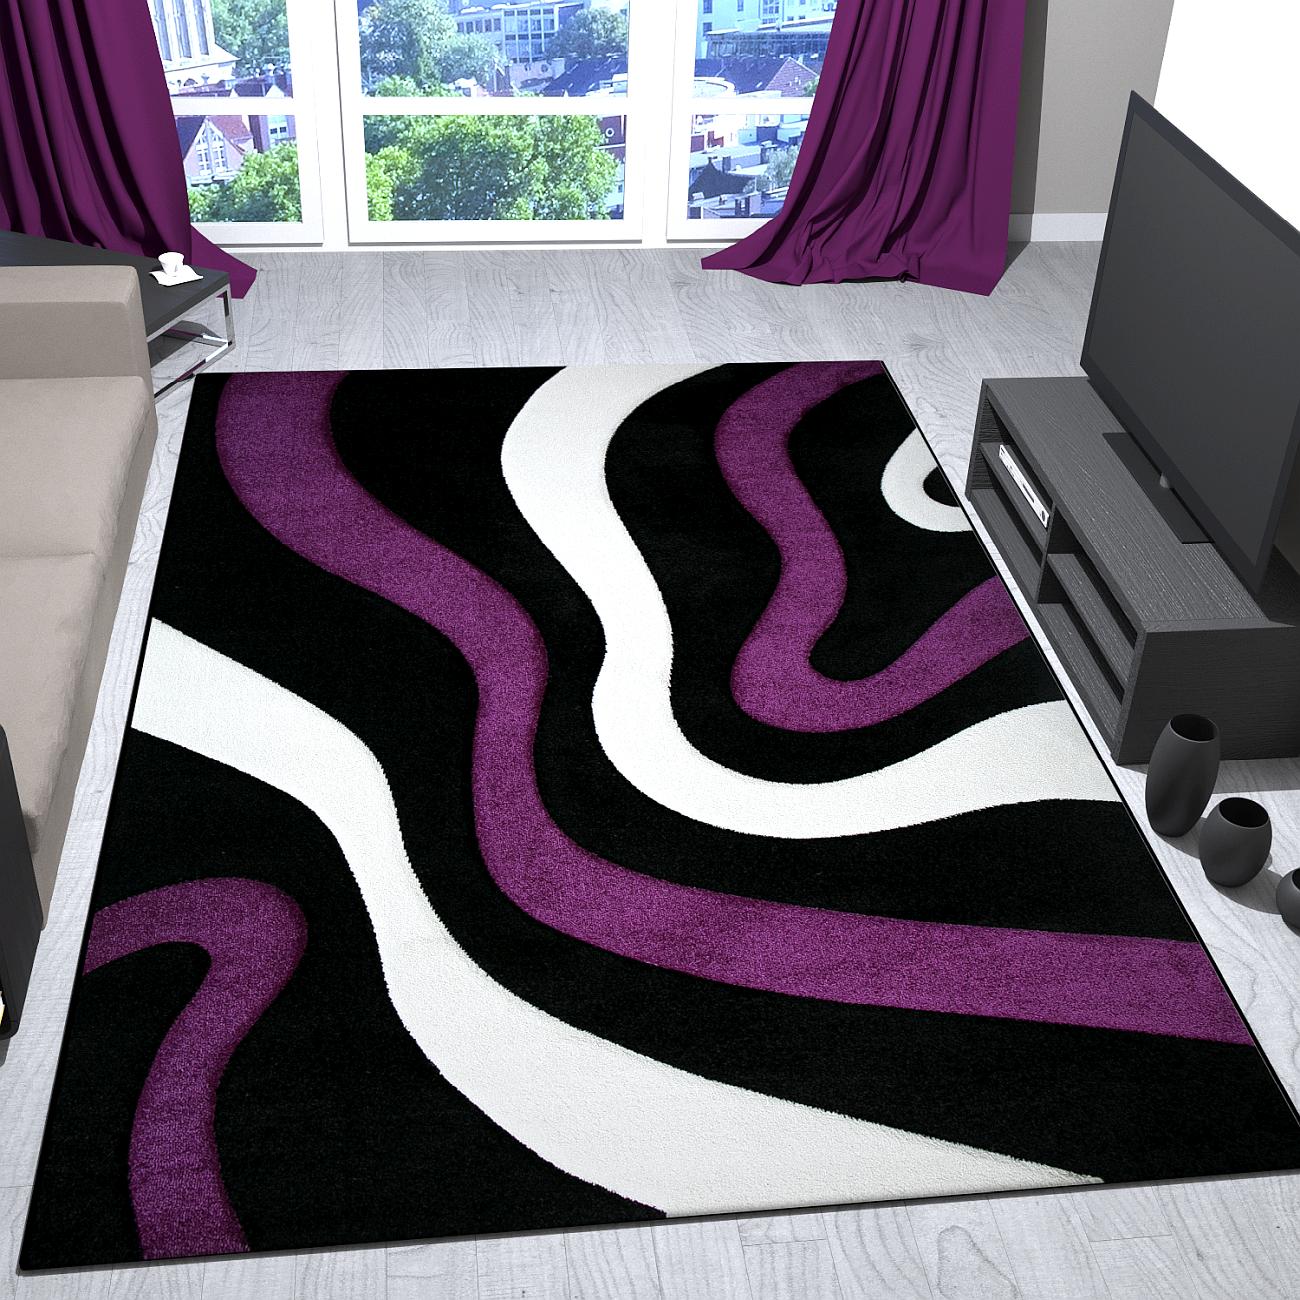 Schlafzimmer modern lila schwarz  Schlafzimmer Modern Lila Schwarz ~ Inspiration über Haus Design